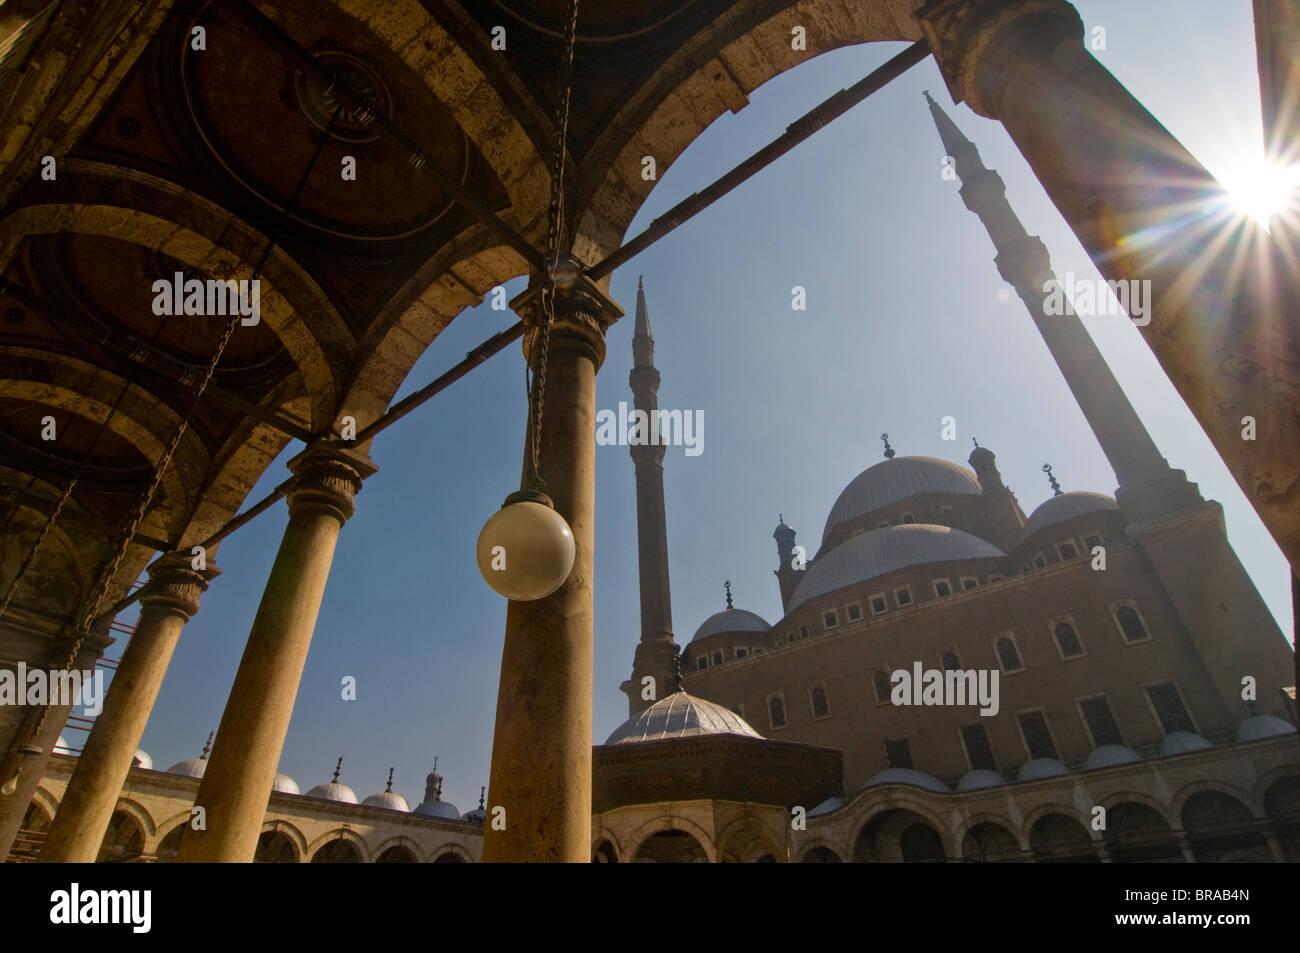 Mezquita de Mohammed Ali, El Cairo, Egipto, el Norte de África, África Imagen De Stock